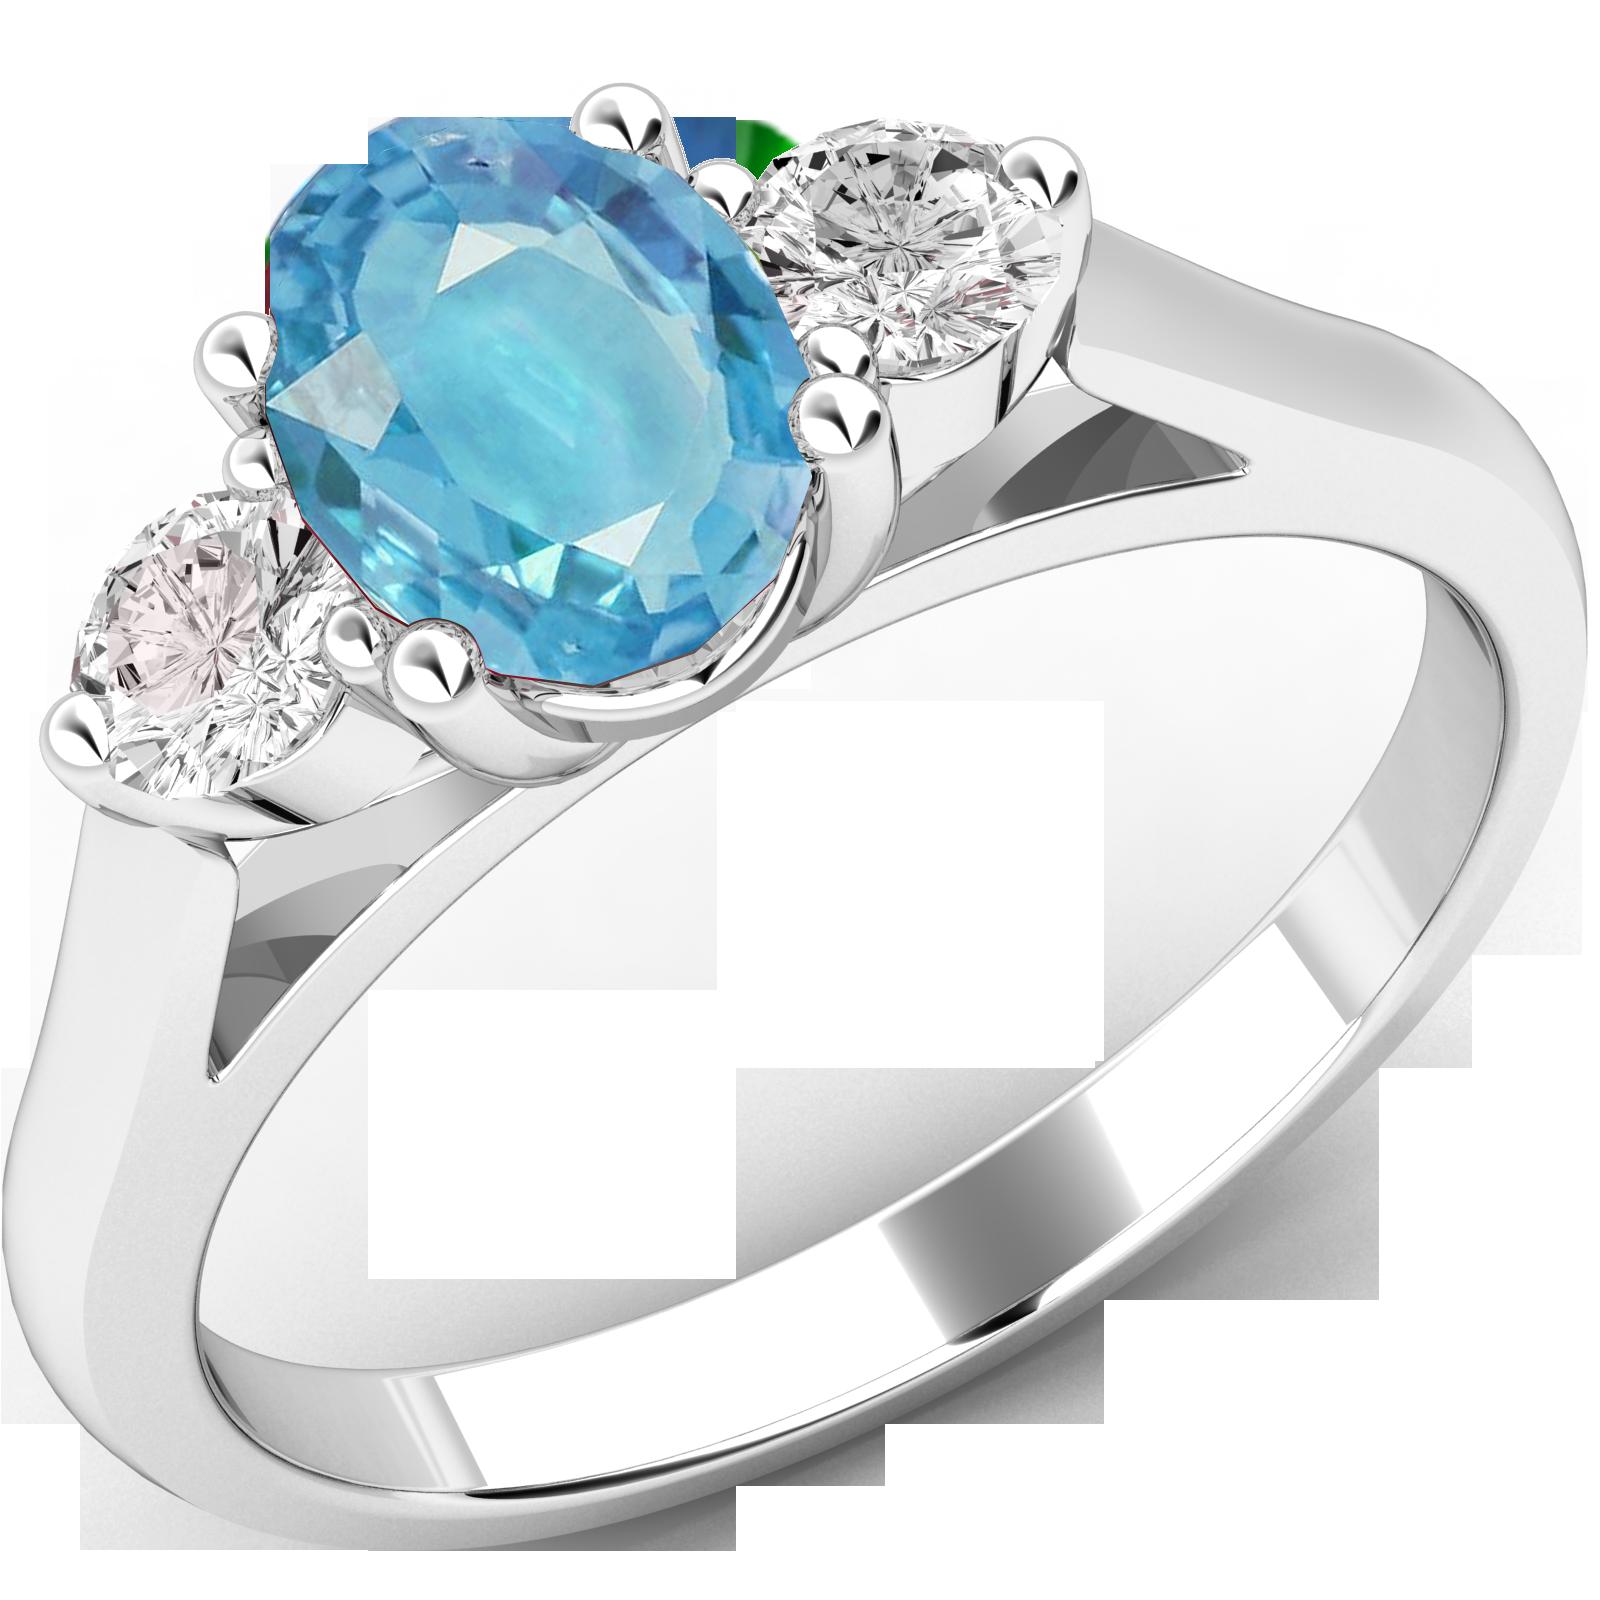 Inel cu Acvamarin si Diamant Dama Aur Alb 18kt cu un Acvamarin Oval si Diamante Rotund Briliant pe Margini-img1